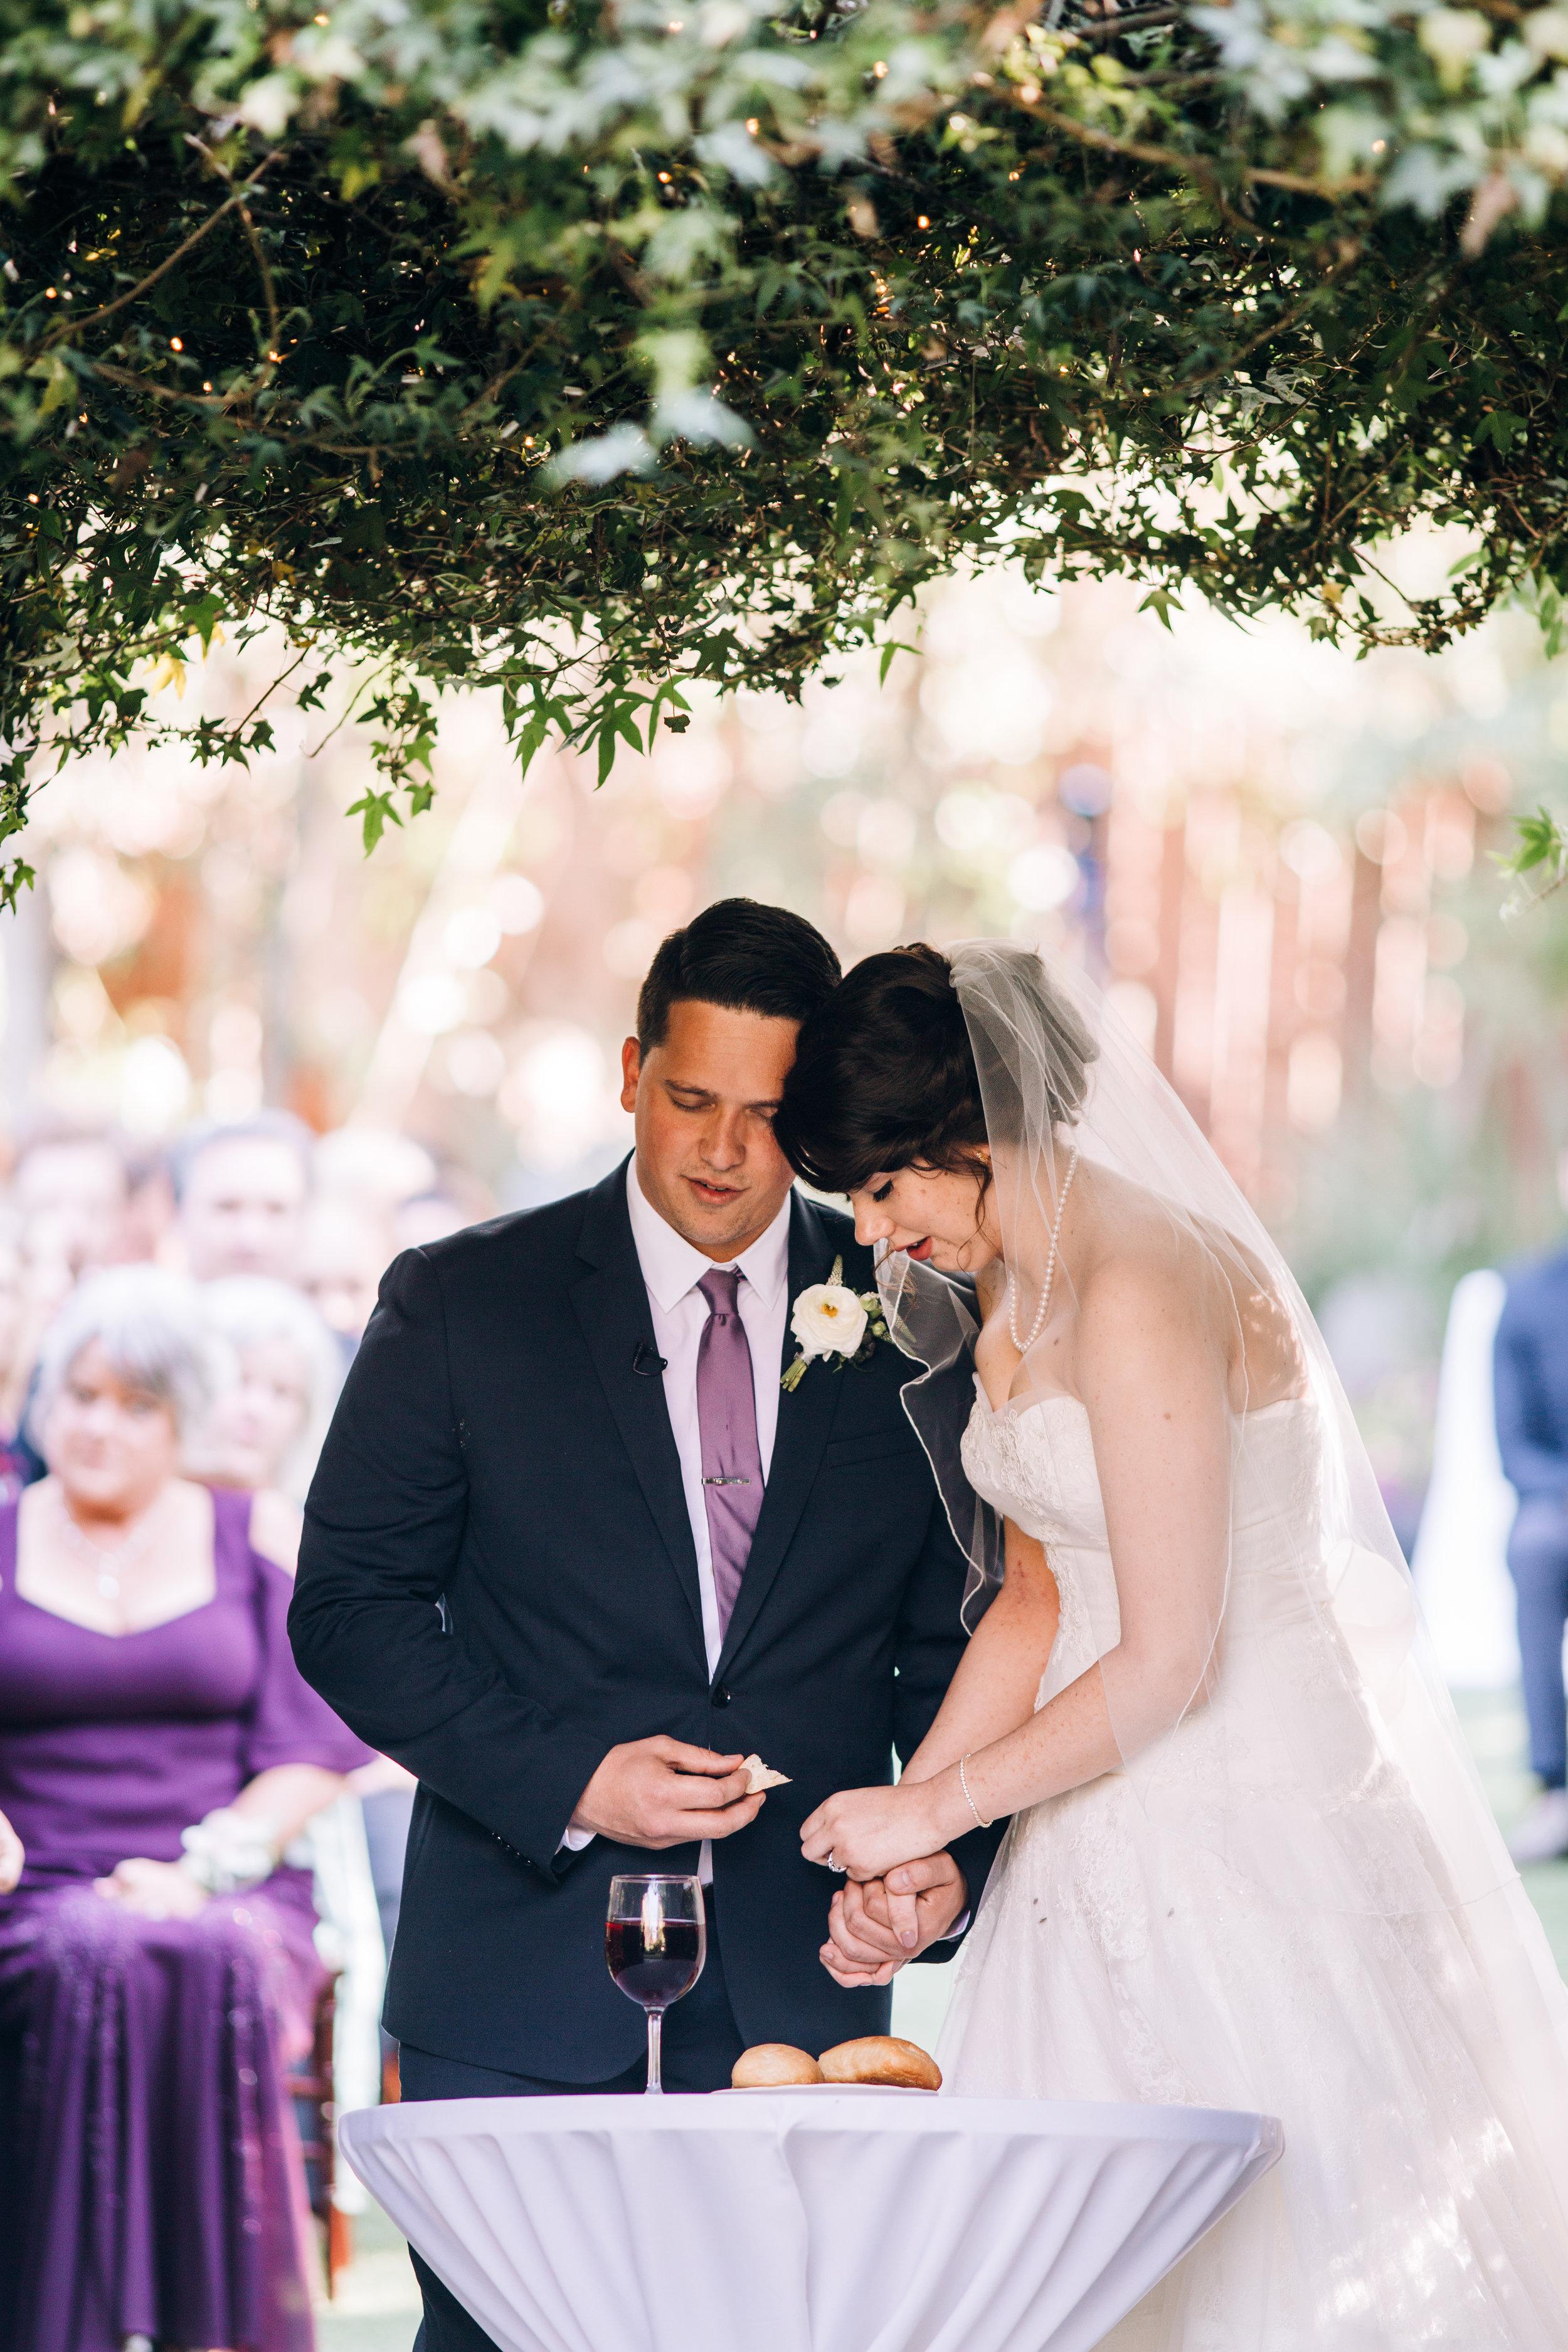 KaraNixonWeddings-SanMarcos-Wedding-36.jpg